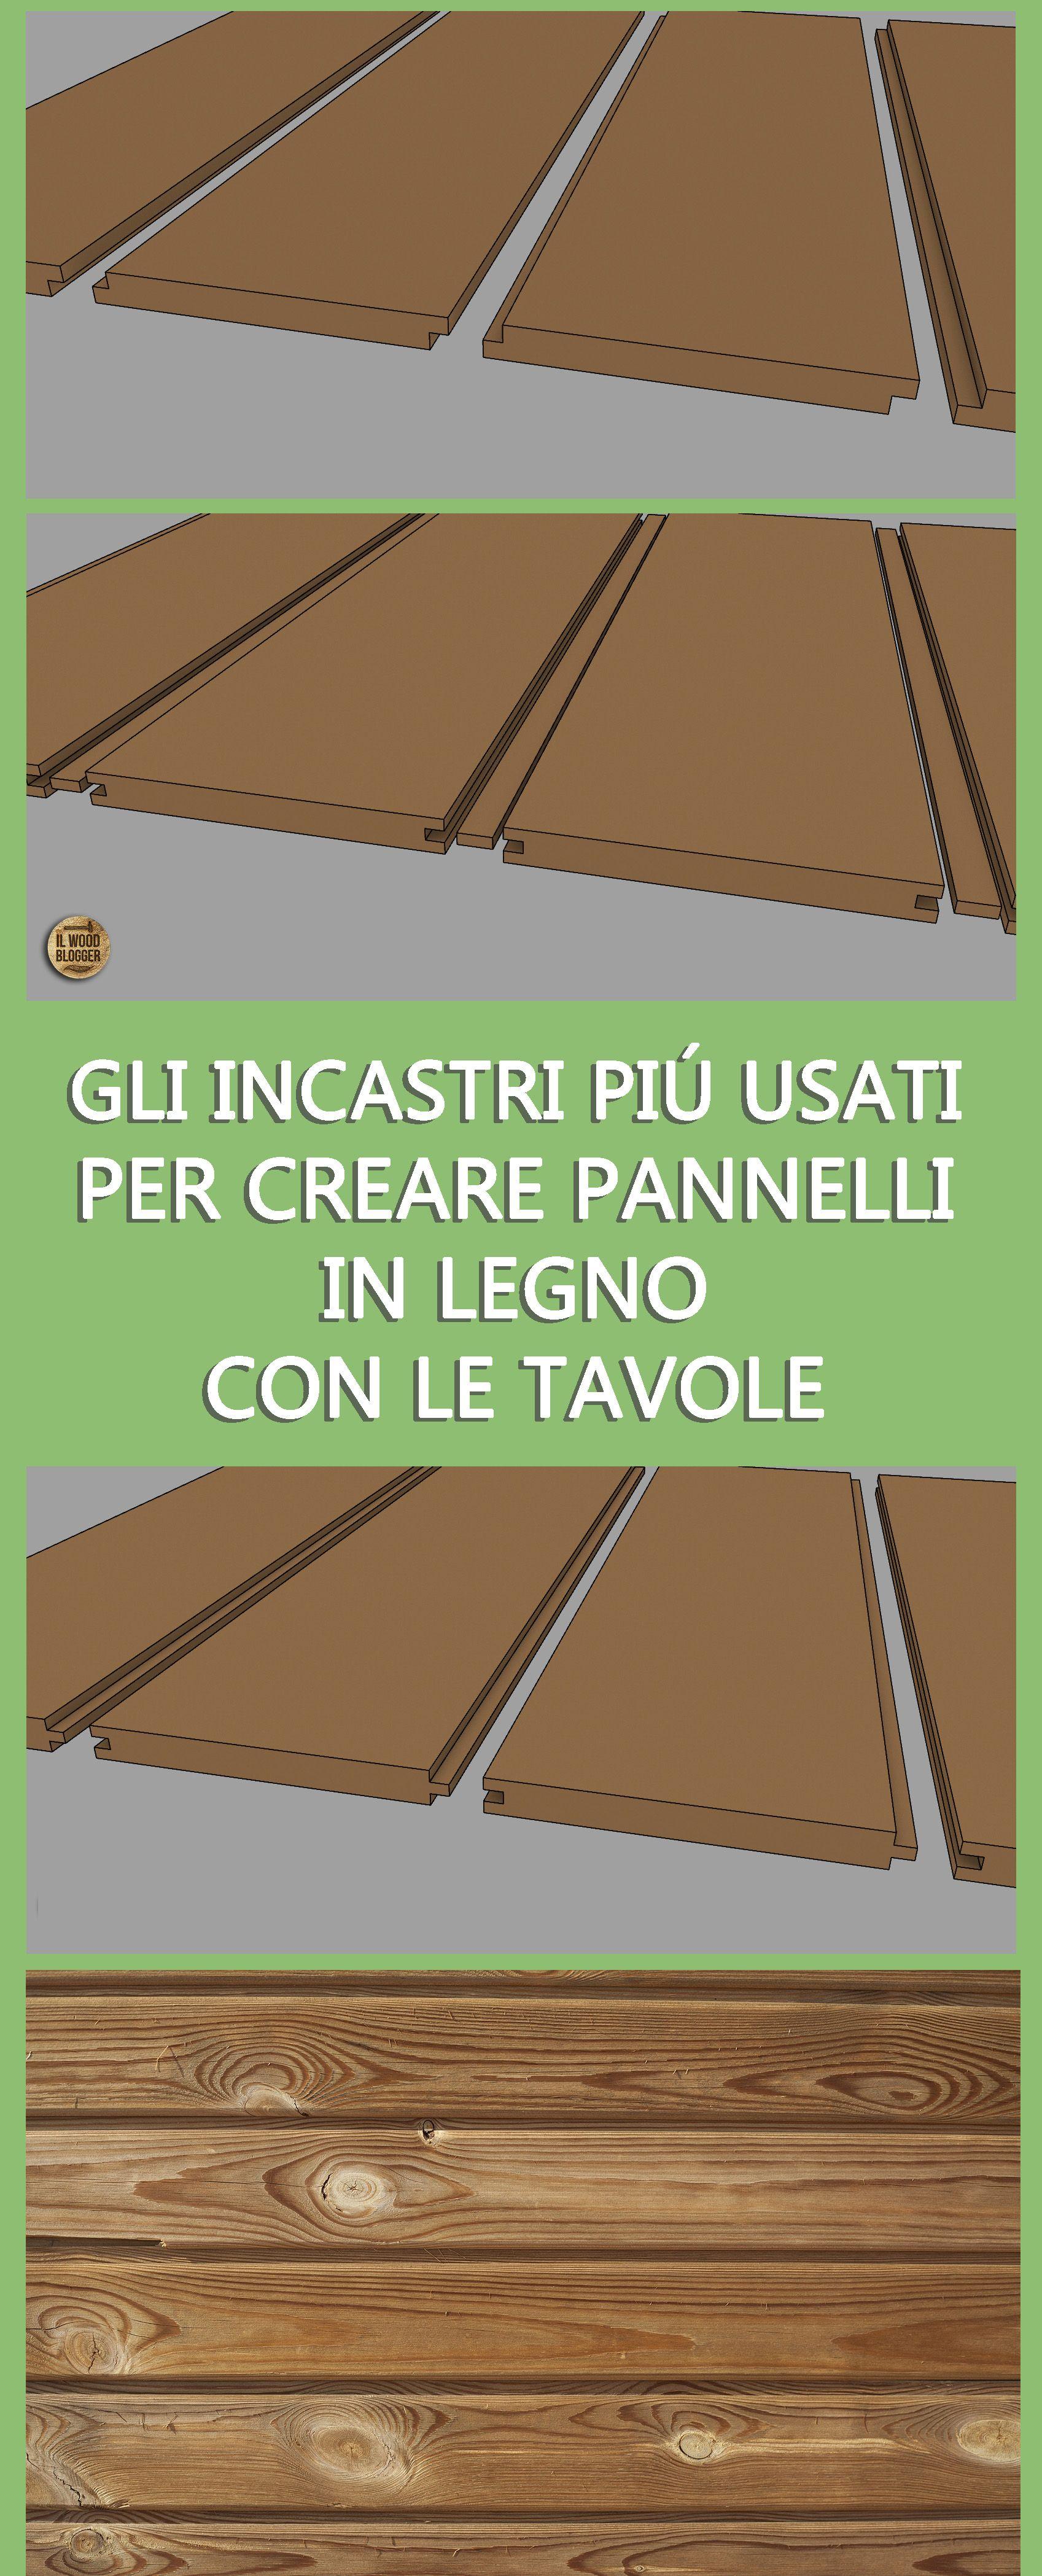 Falegnameria Creare Pannelli Con Le Tavole Parte 1 Il Wood Blogger Pannelli In Legno Legno Falegnameria